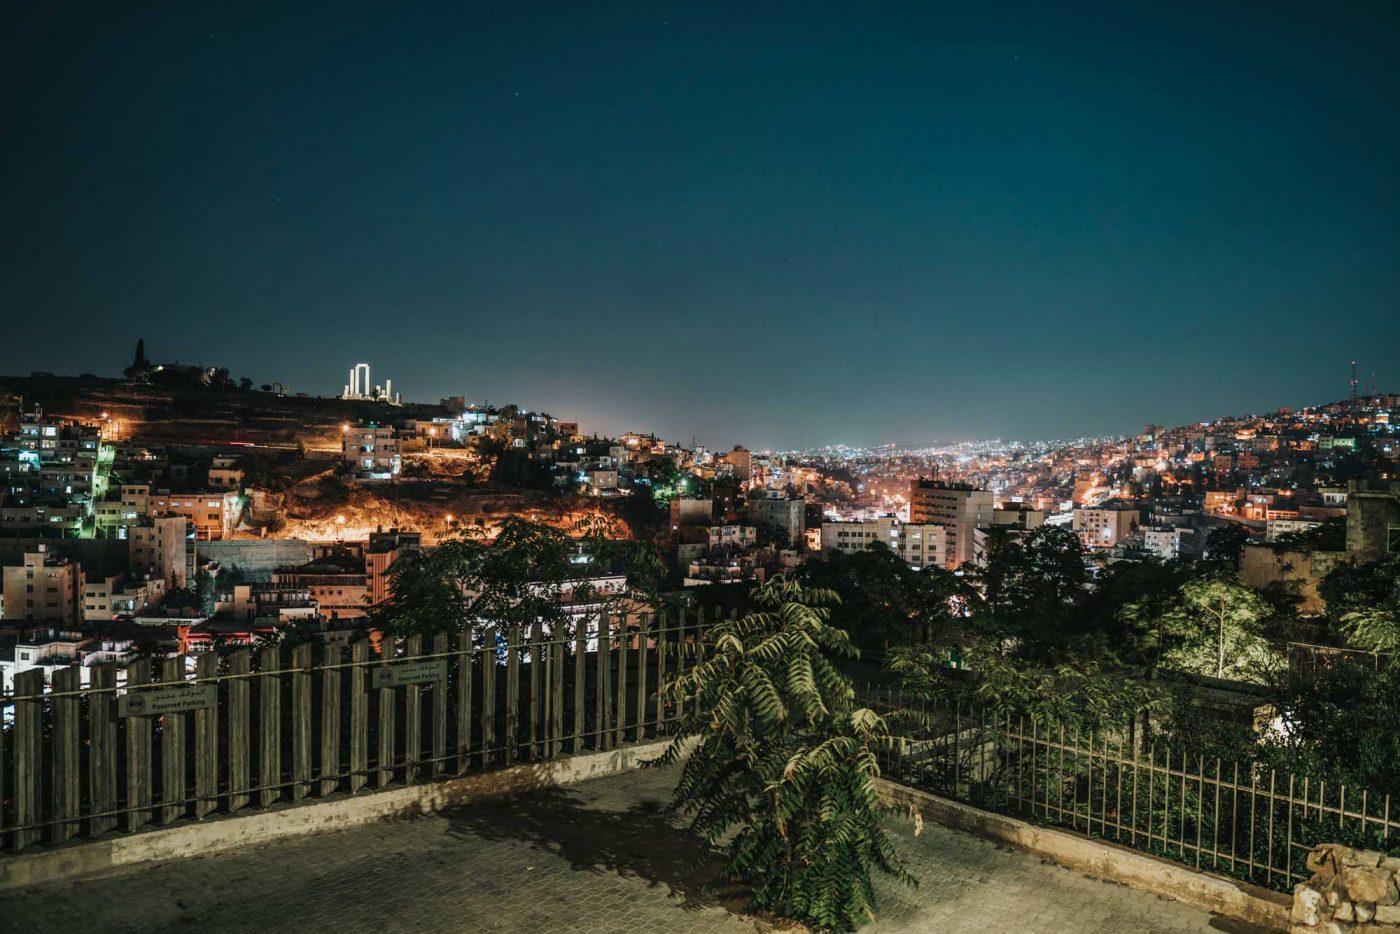 Capital of Jordan, Amman, at night